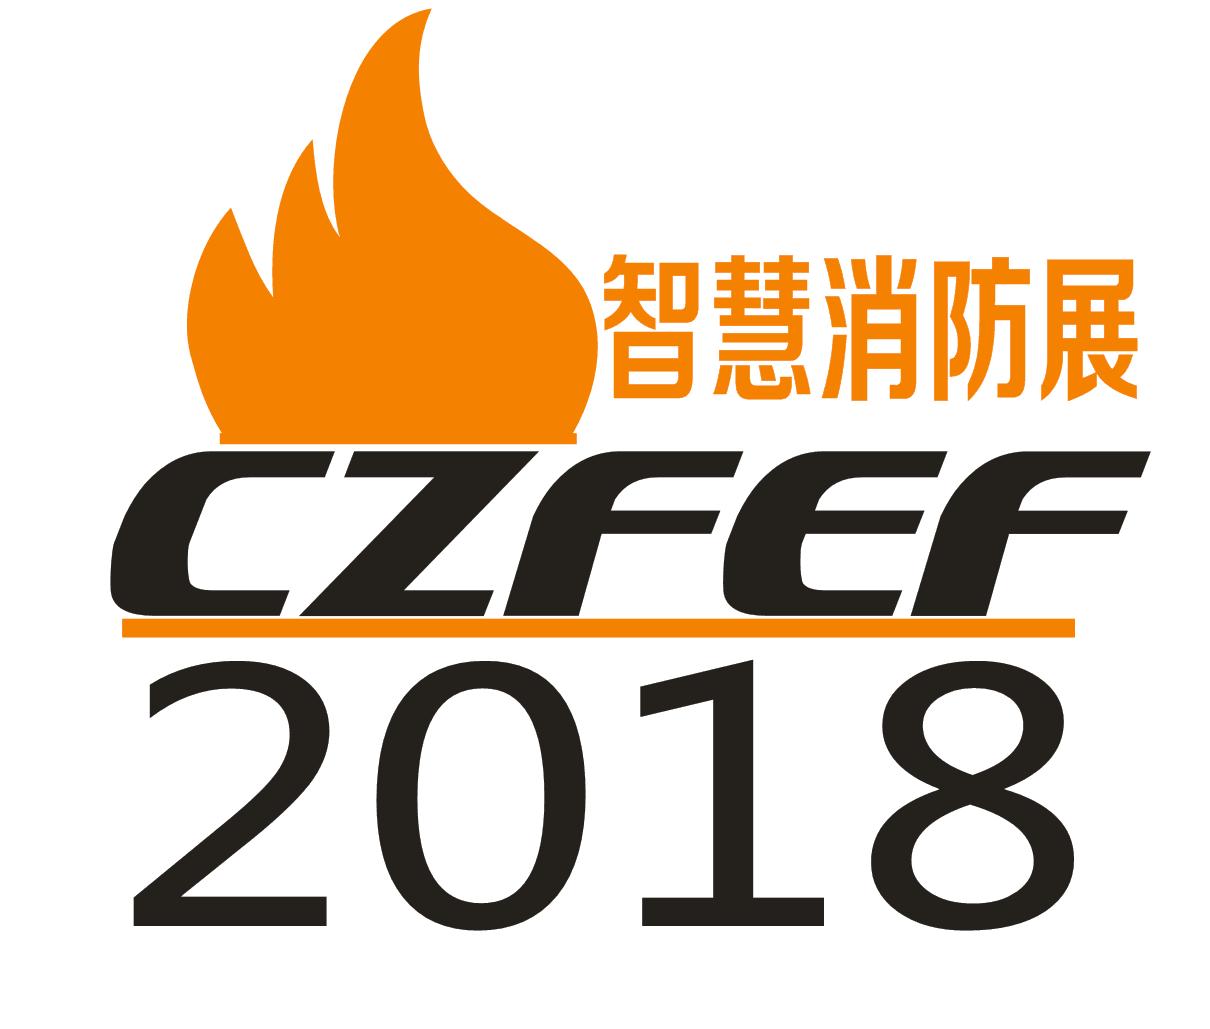 2018郑州消防展